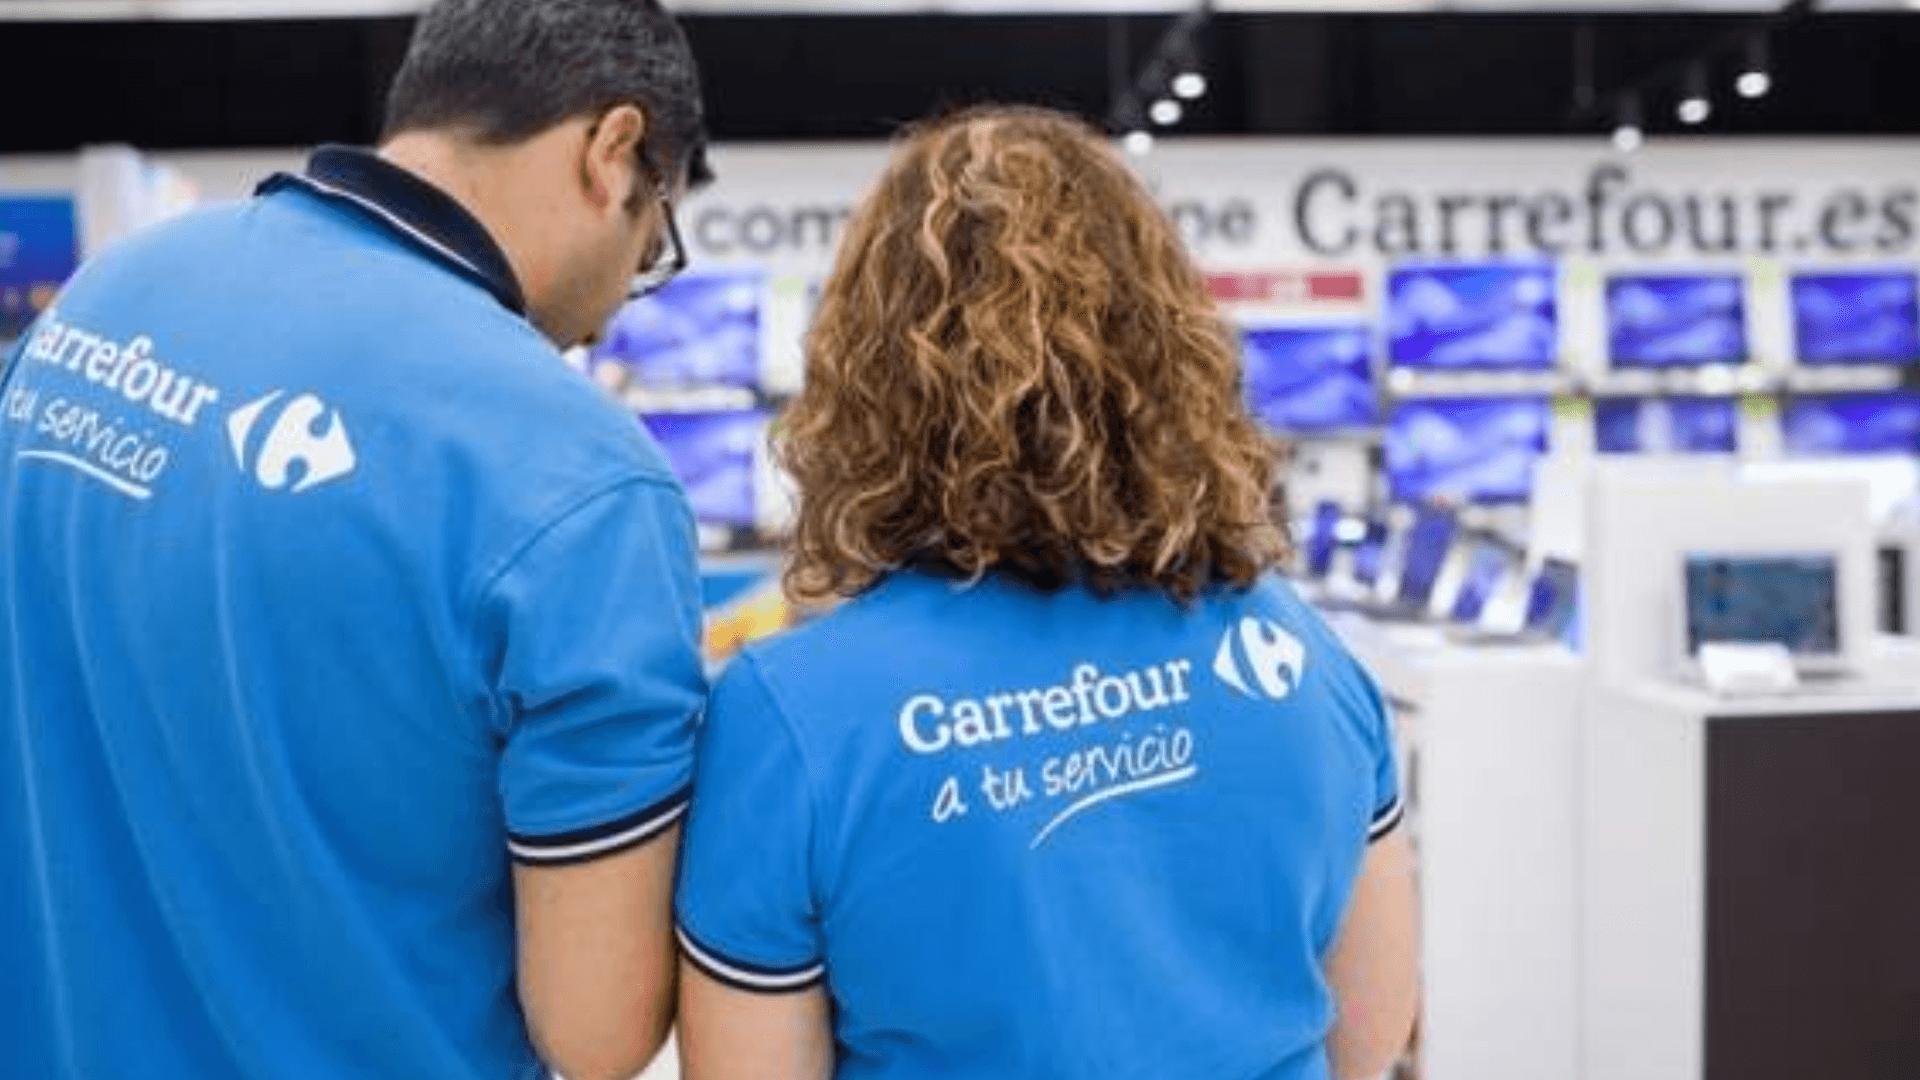 Consigue una vacante de empleo en Carrefour